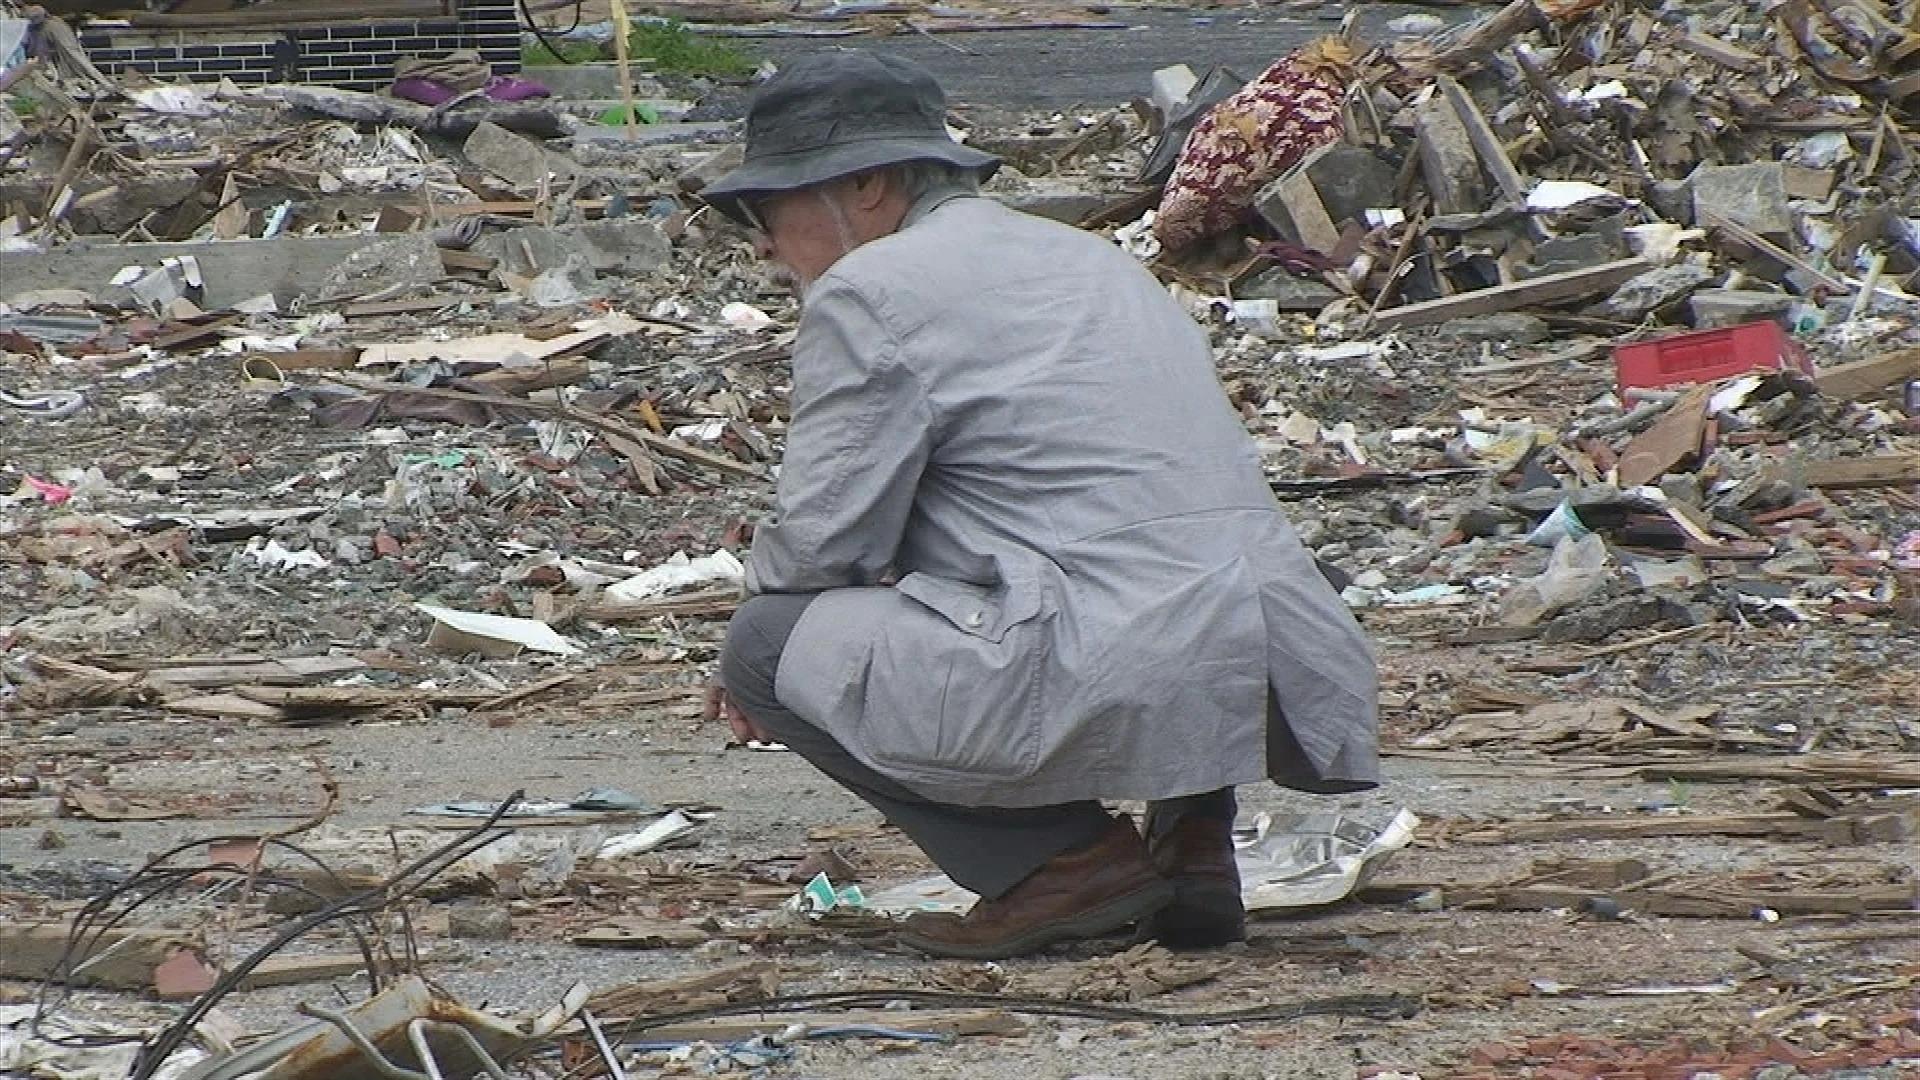 Hayao Miyazaki mirando los escombros sobrantes de 3.11 en un documental de NHK